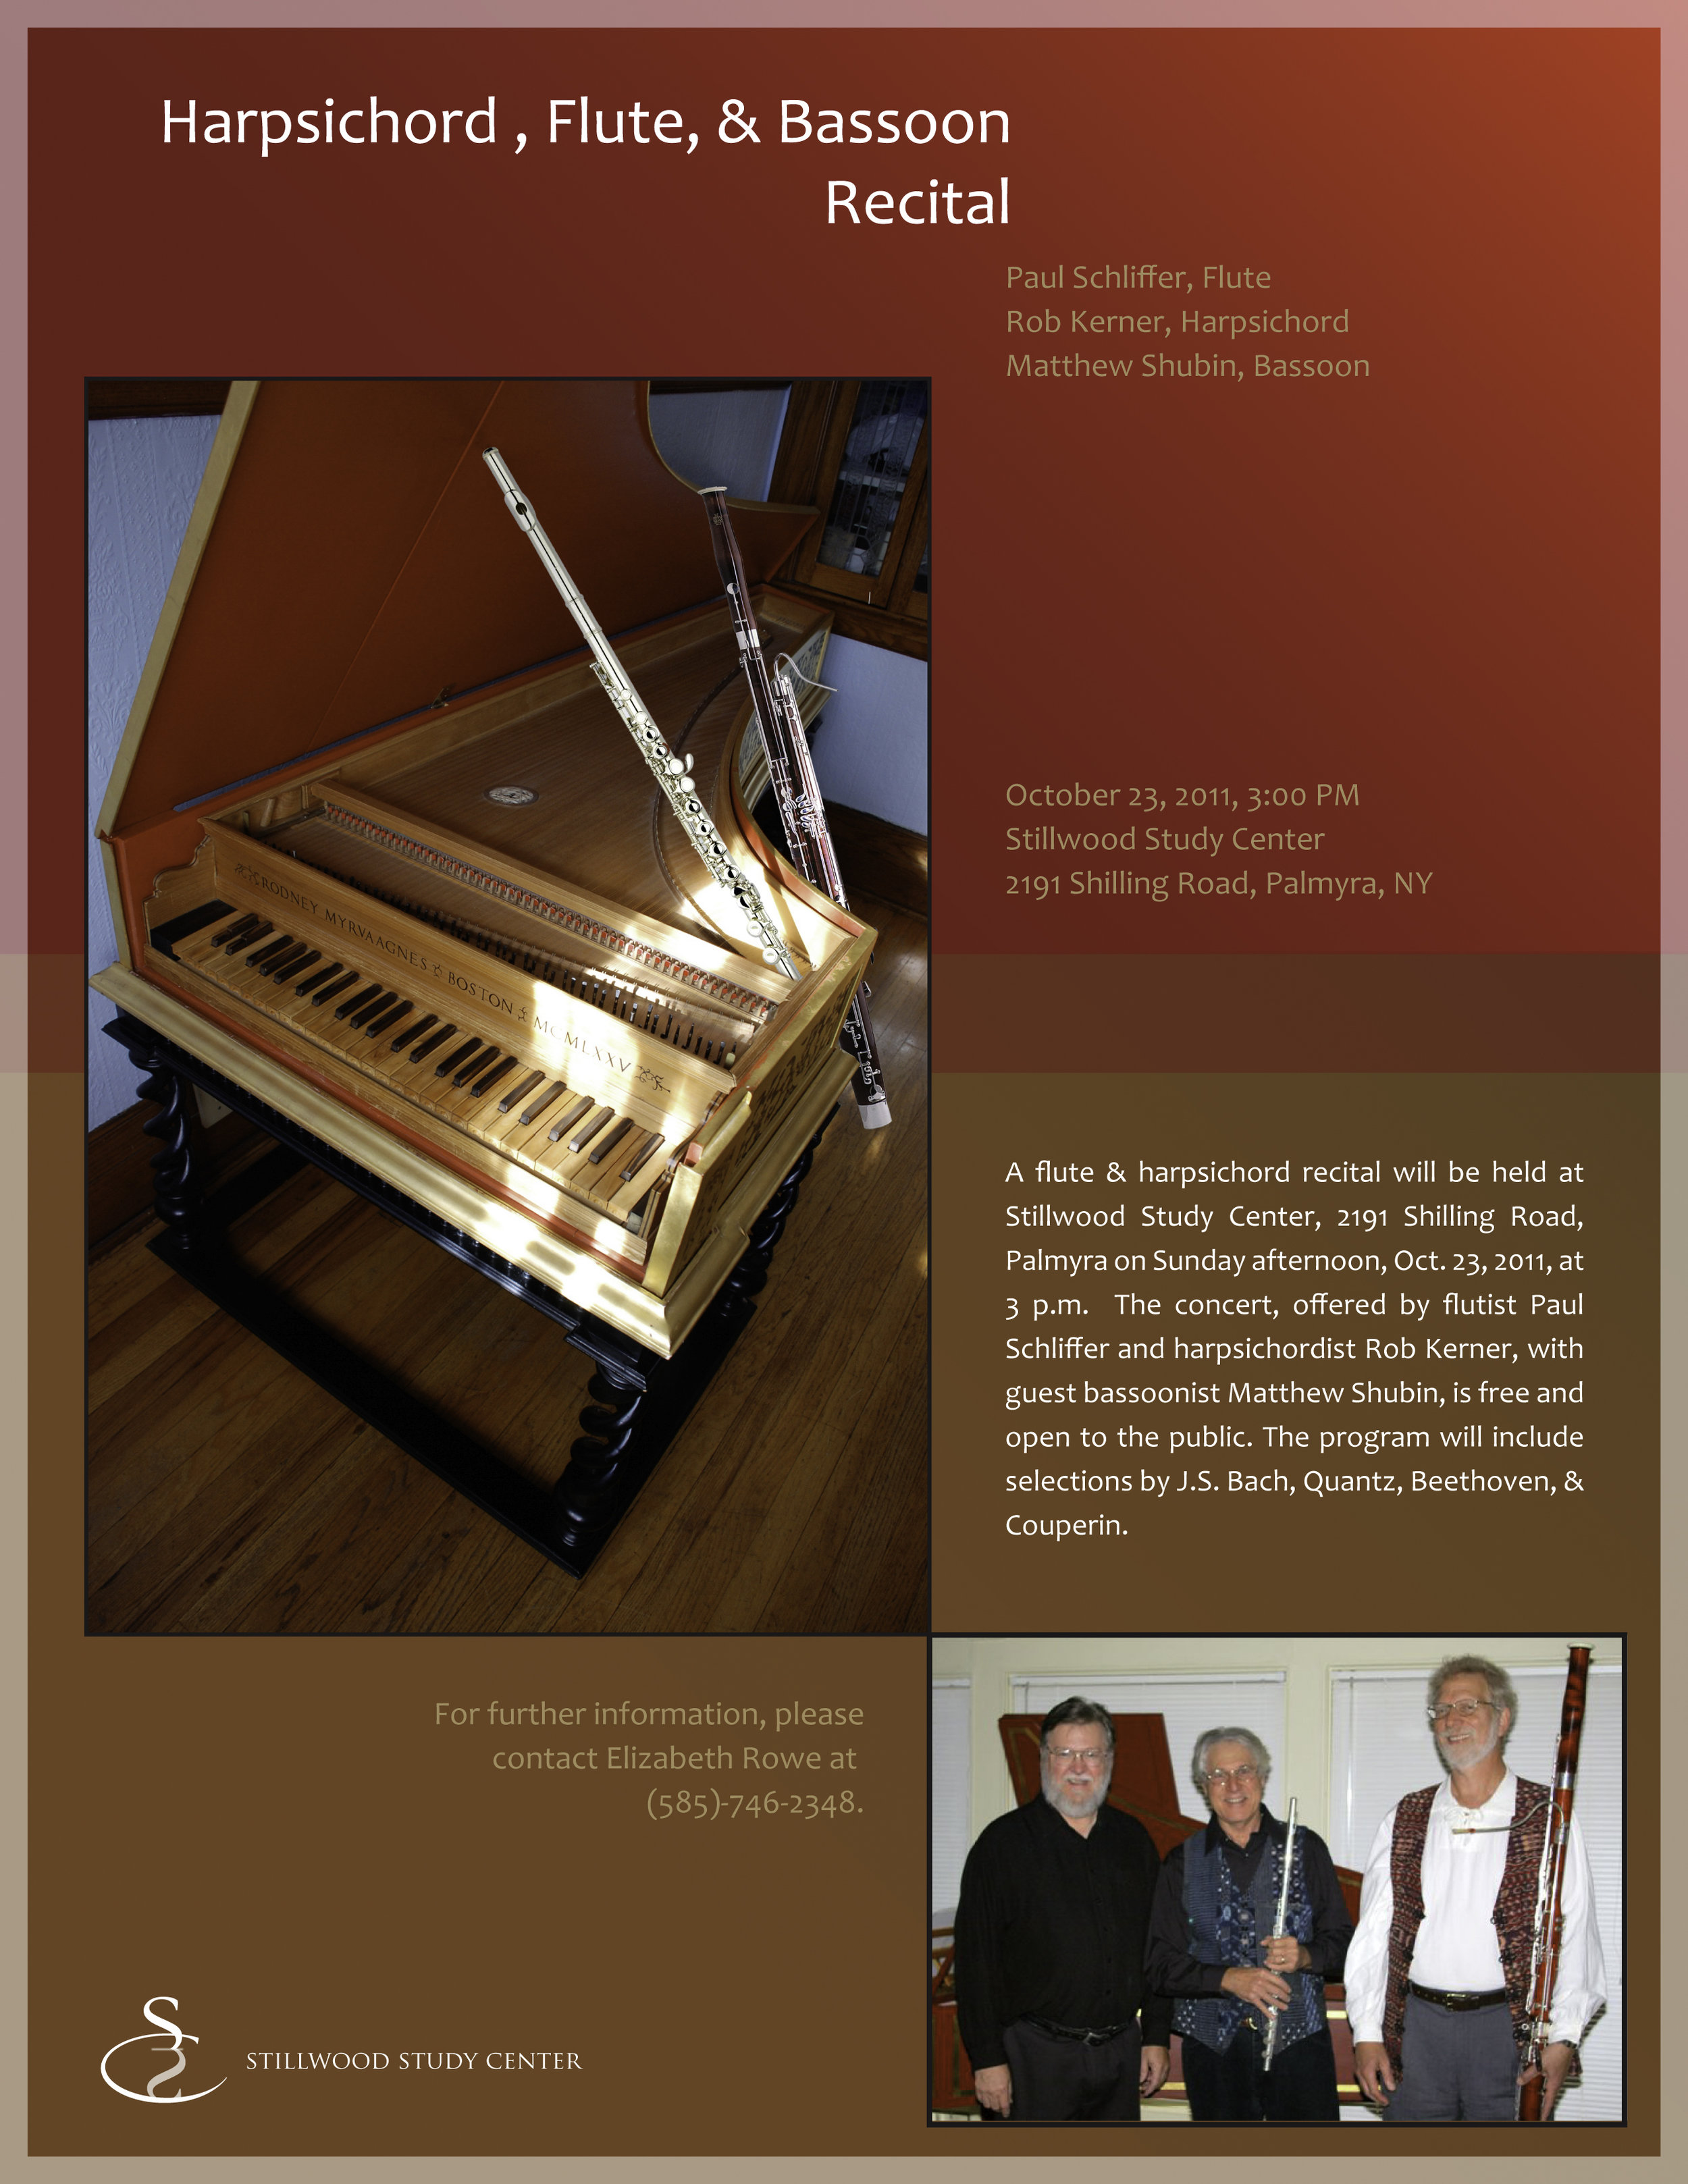 SSC Concert Flyer 2011.jpg